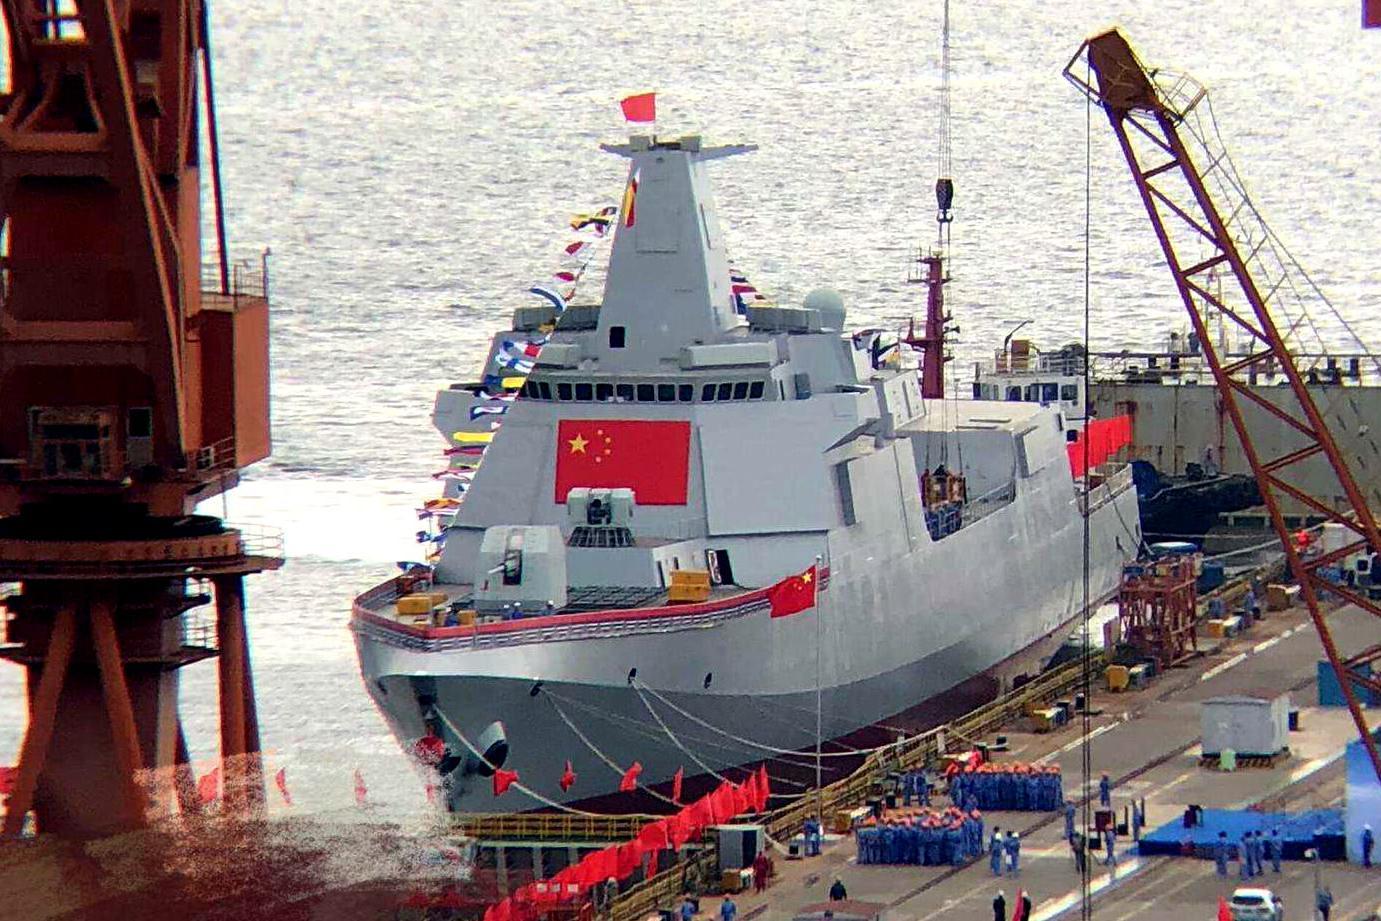 青岛现拉萨舰名,在海军节来临之际,官方正面答复关于055情况